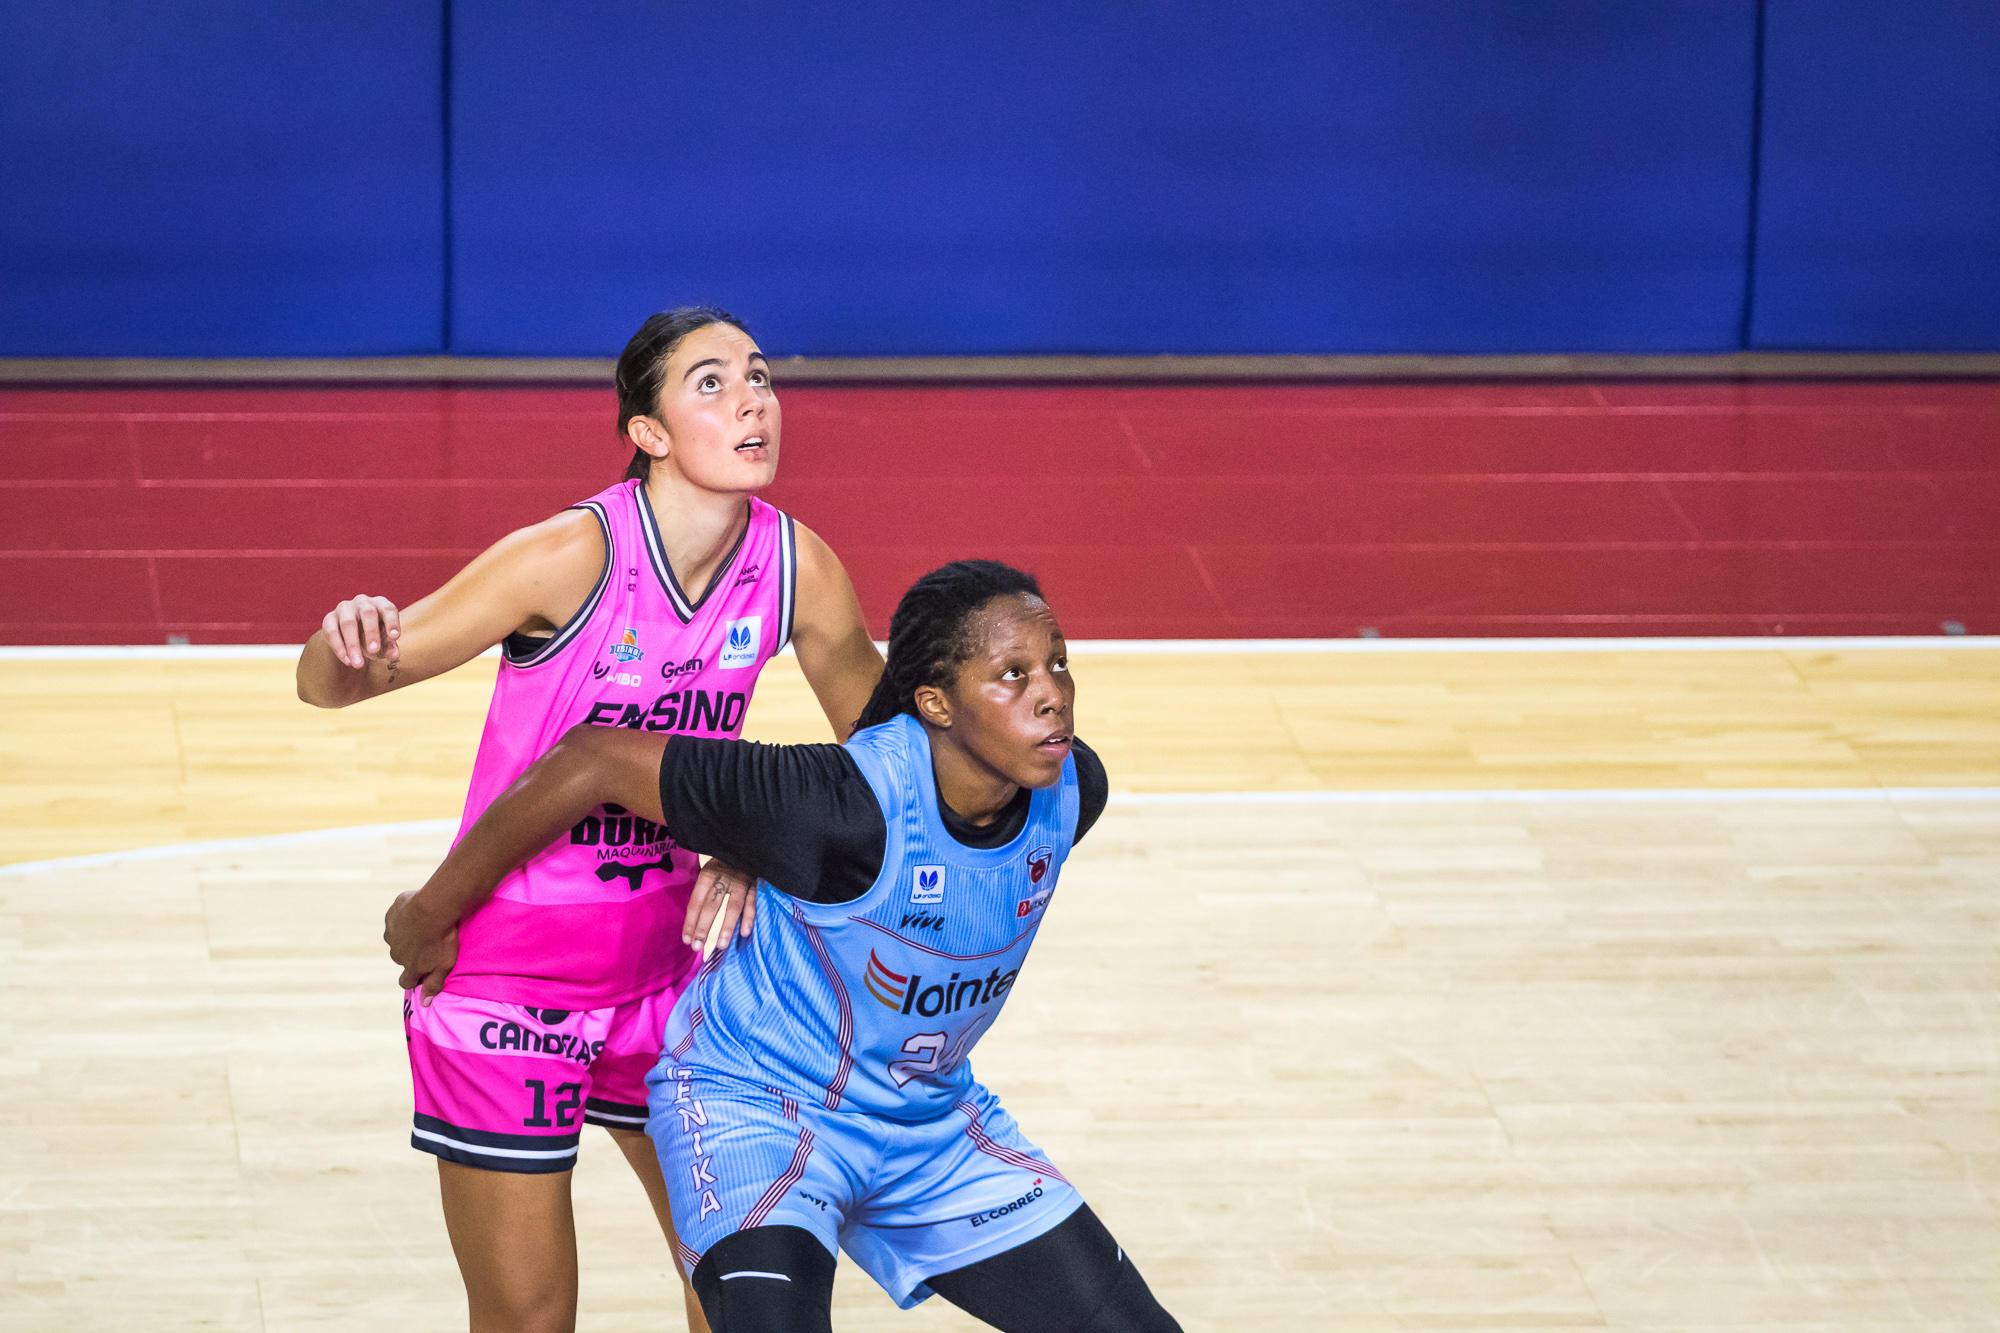 Roundtree y Aliaga pelean por la posición de rebote (Foto: Luis Fernando Boo).